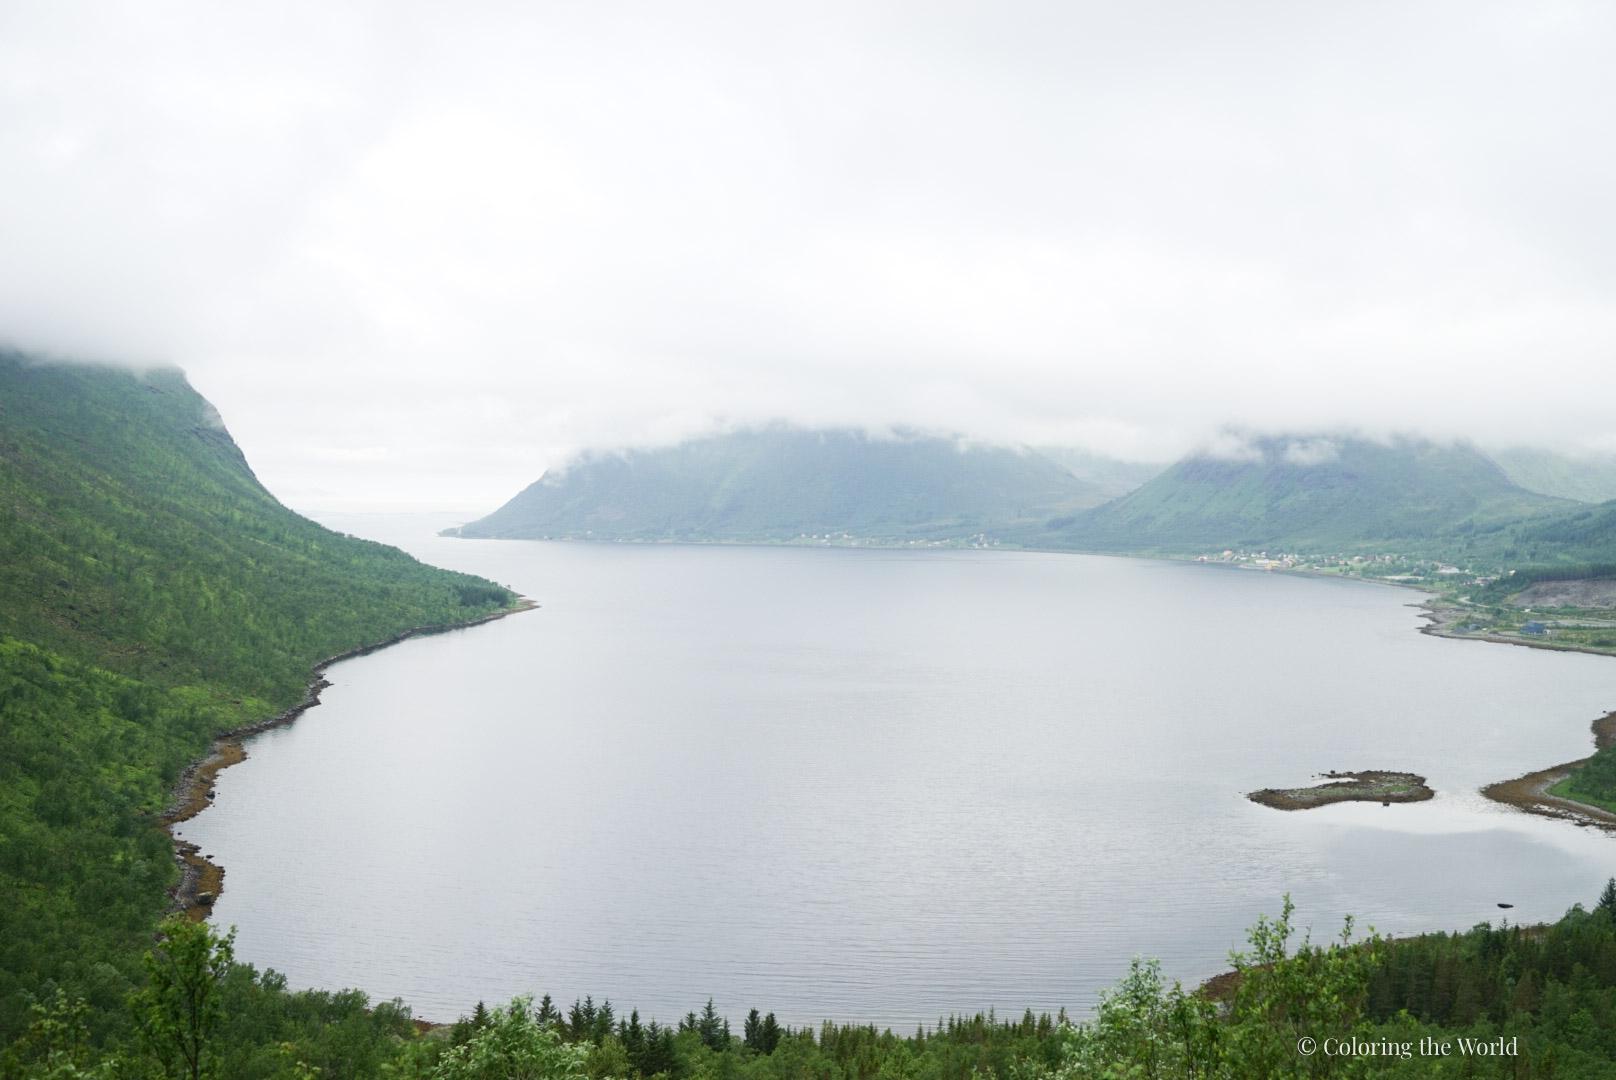 Bergsbotn, Senja